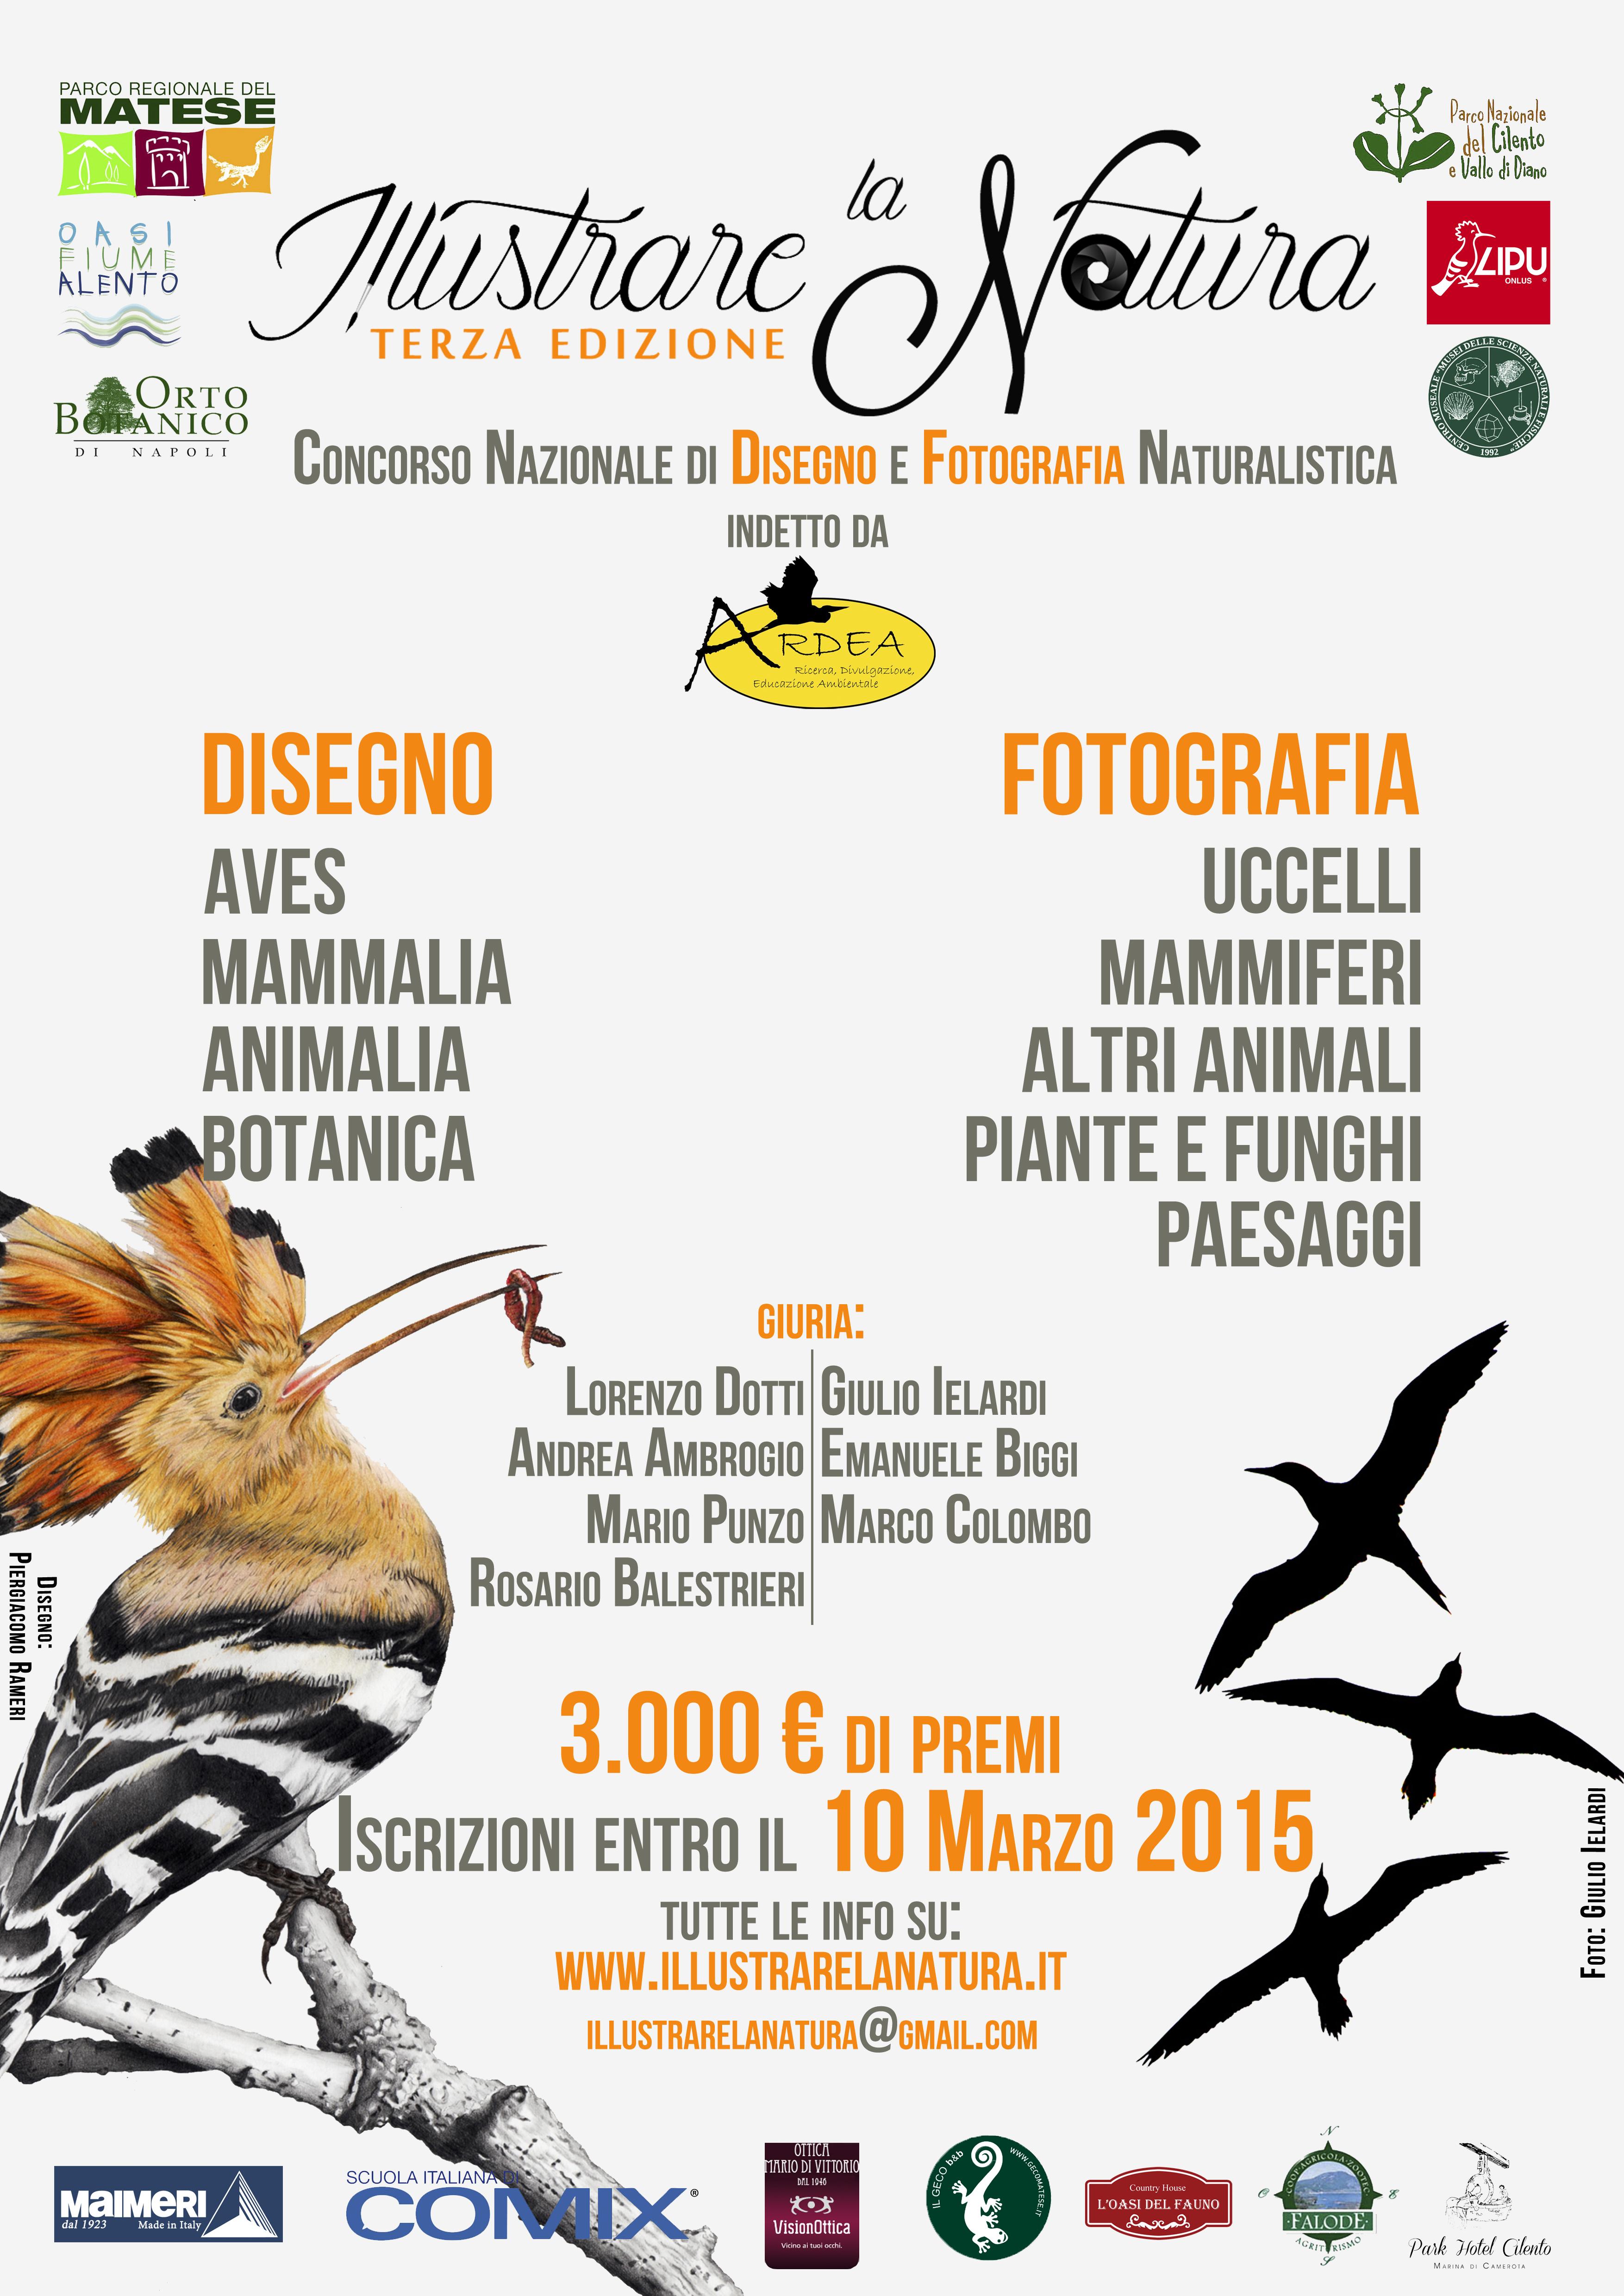 Concorso Nazionale di Disegno e Fotografia Naturalistica: Illustrare la Natura III